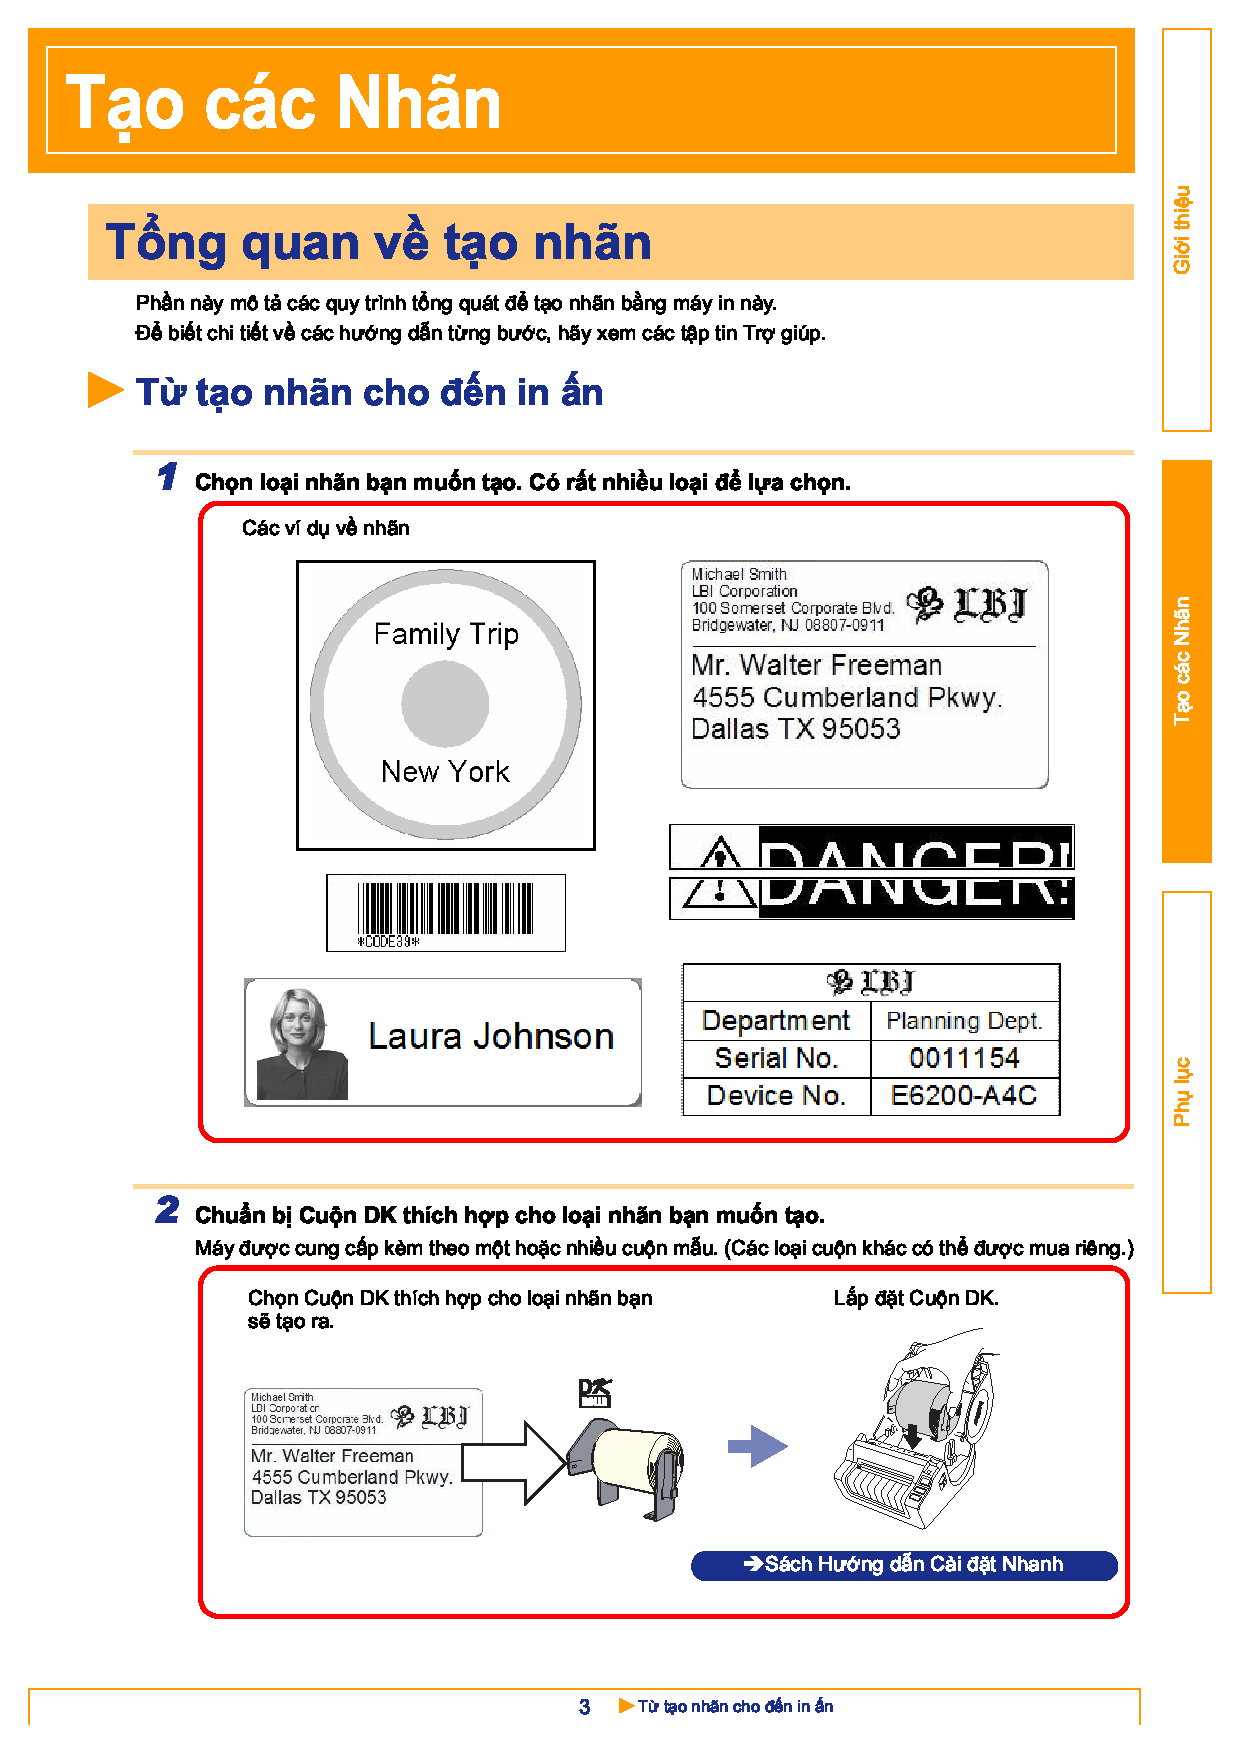 Hướng dẫn sử dụng phần mềm thiết kế, tạo mẫu nhãn P Touch Editor